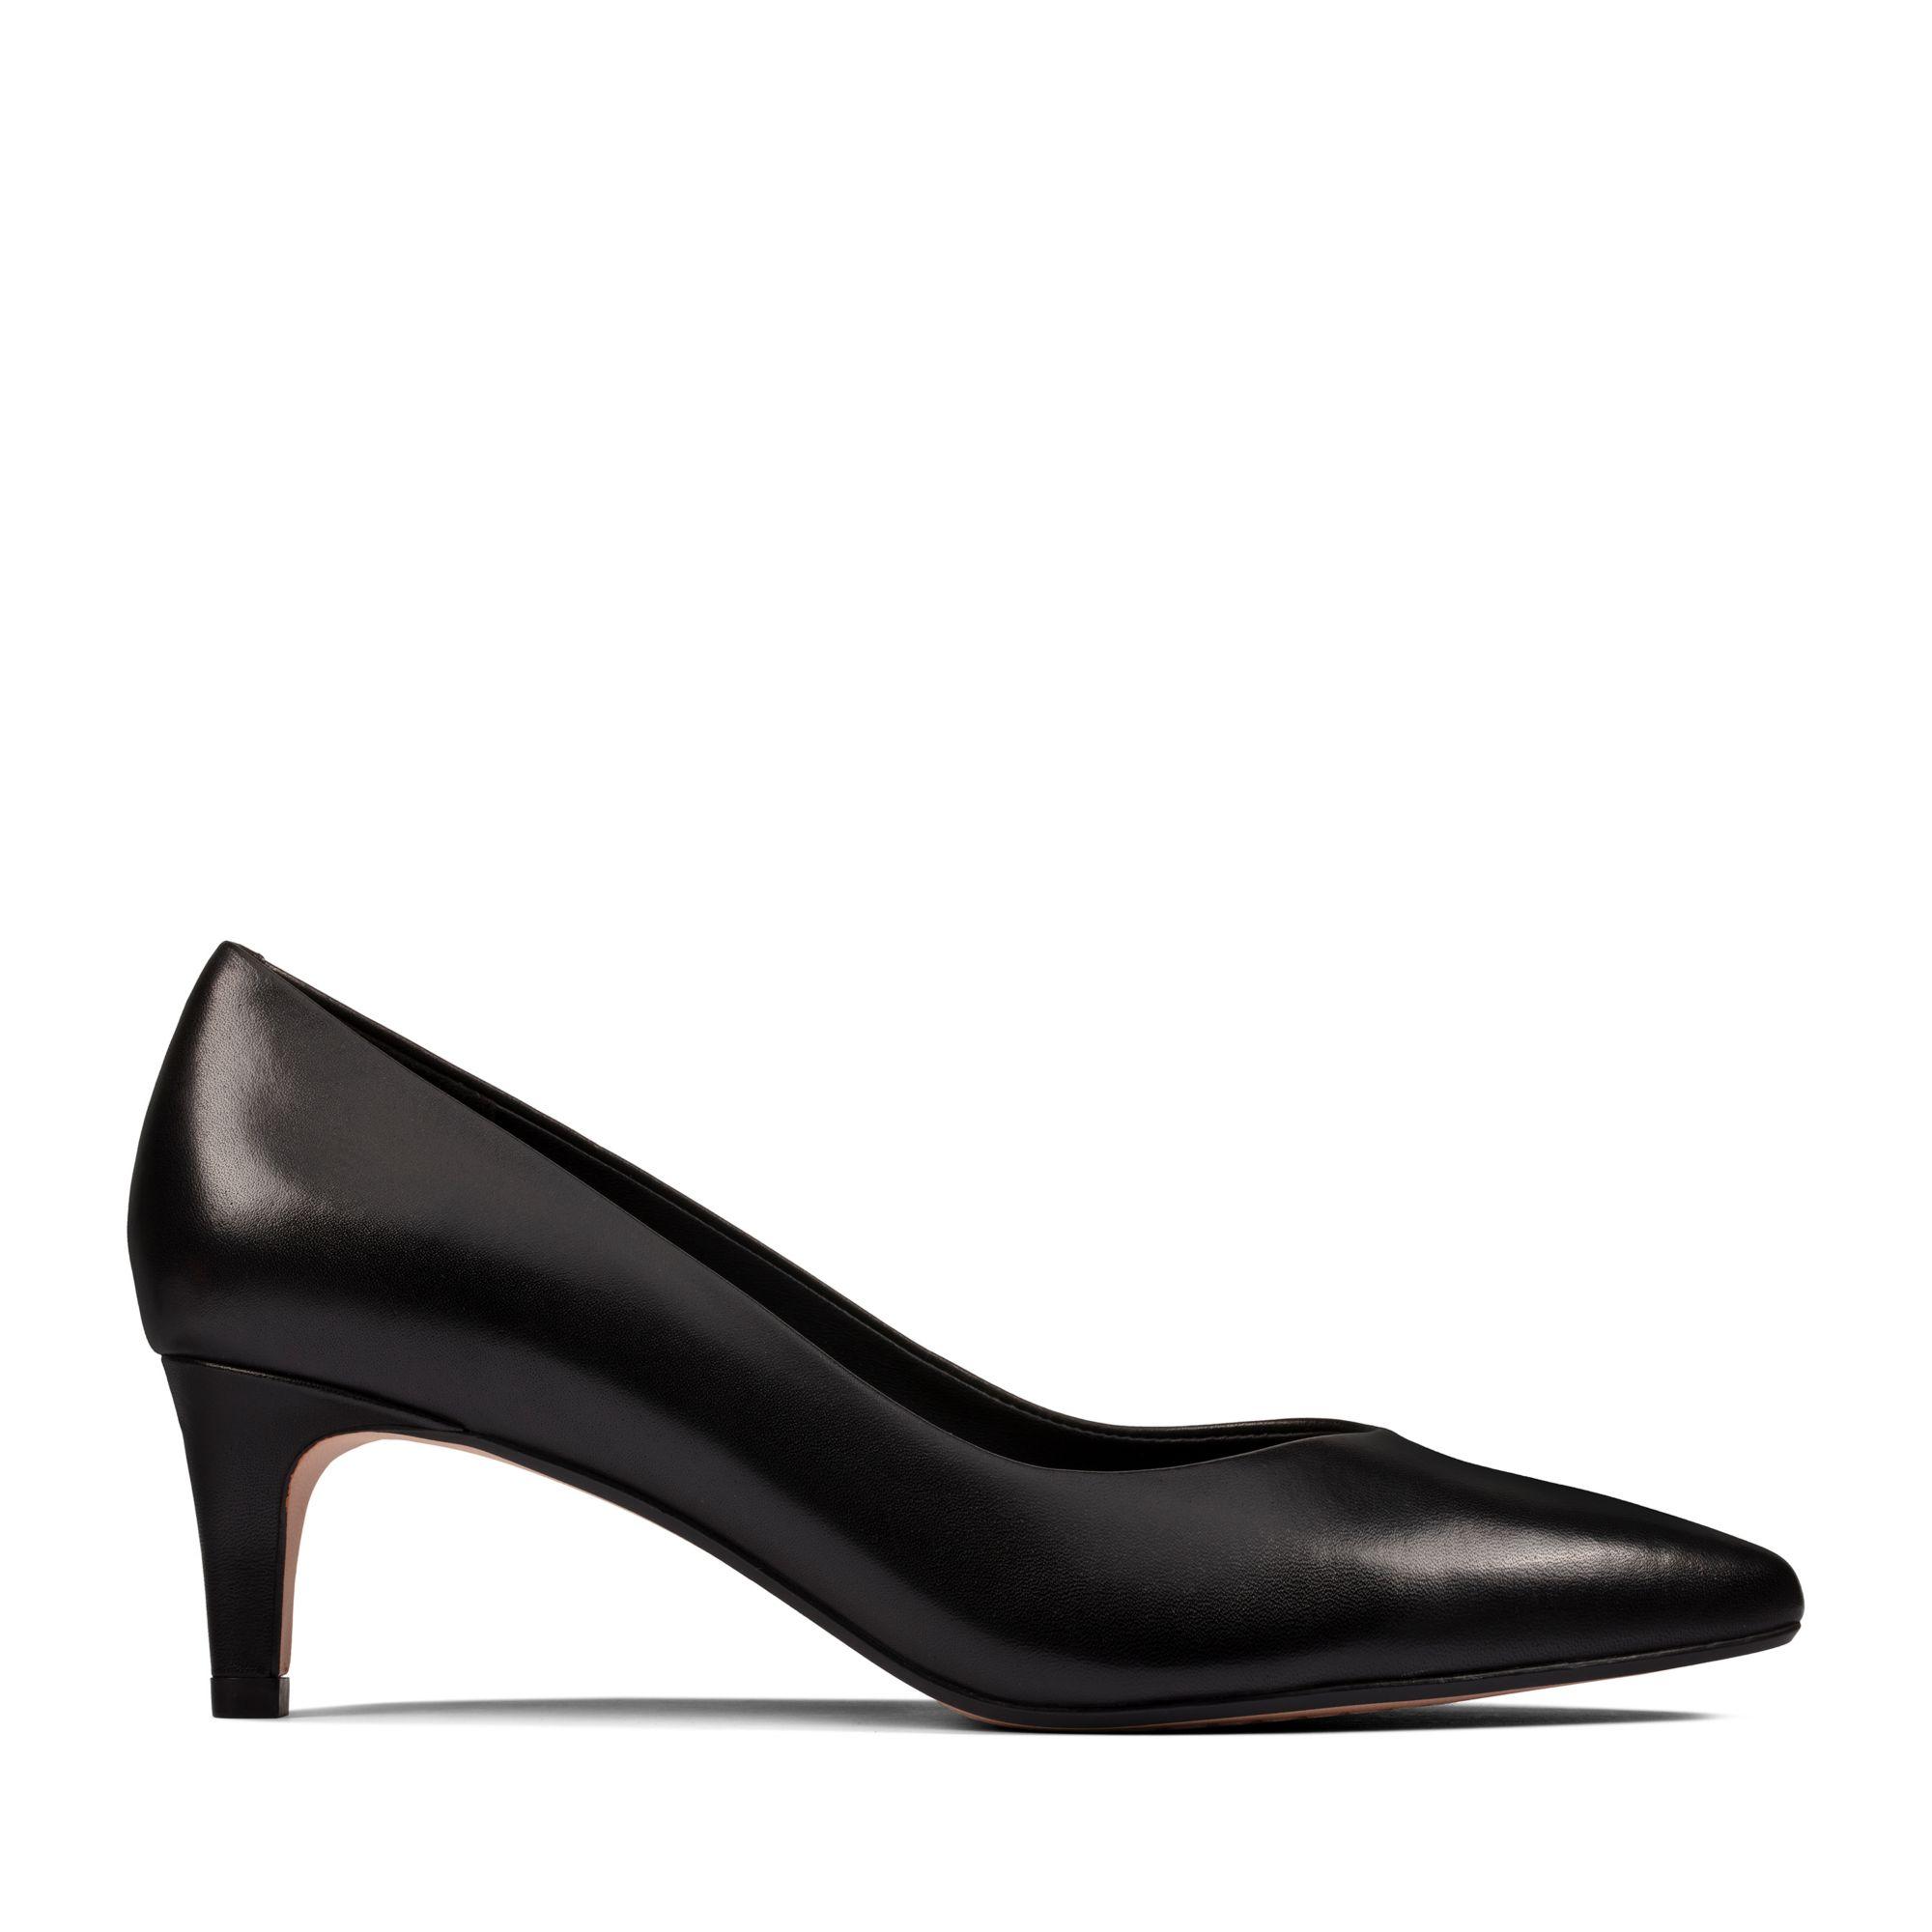 Clarks Laina 55 Court – Leather